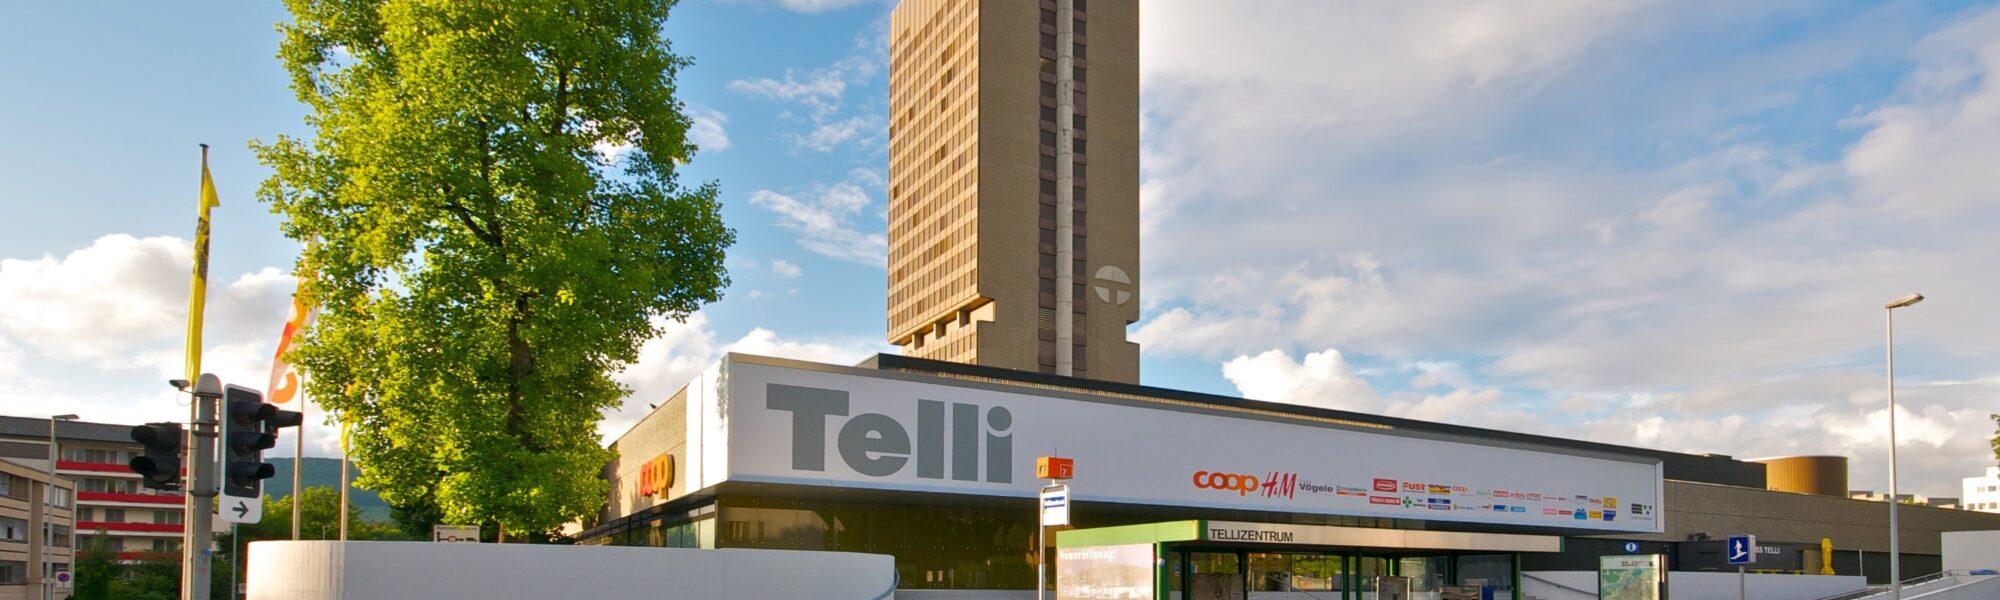 Einkaufszentrum Telli